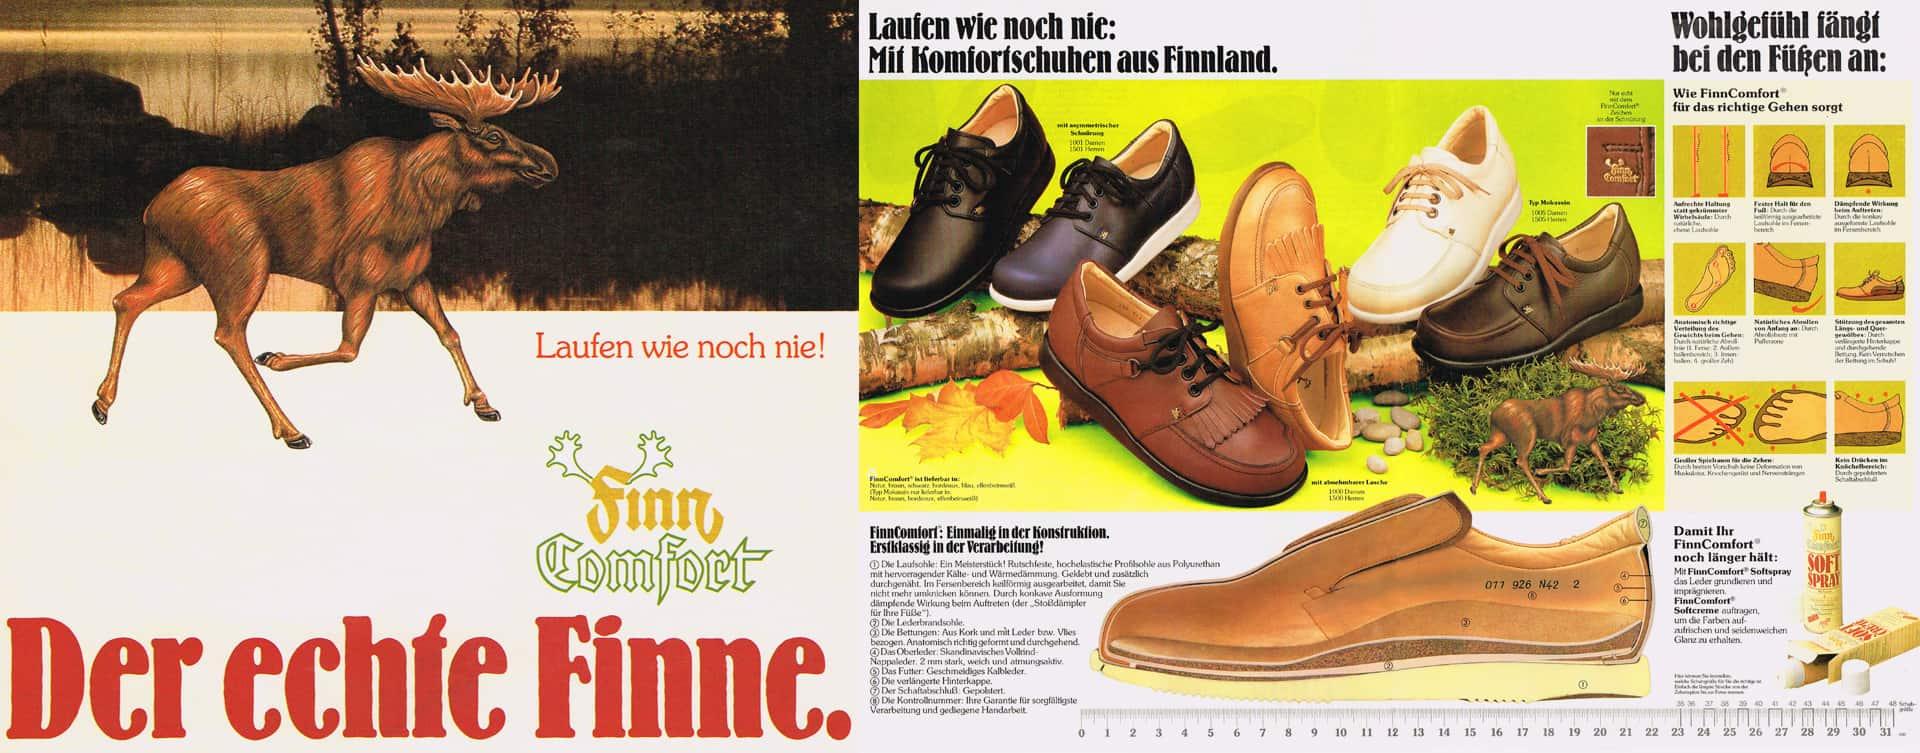 Als Friedrich Hackner im Sommer 1982 vom Vertreter einer Finnischen Herrenschuhmarke um seine Einschätzung zu einem neuen Schuhkonzept angesprochen wurde, stellte er in Finnland seine Vision eines neuartigen Schuhsystems vor.